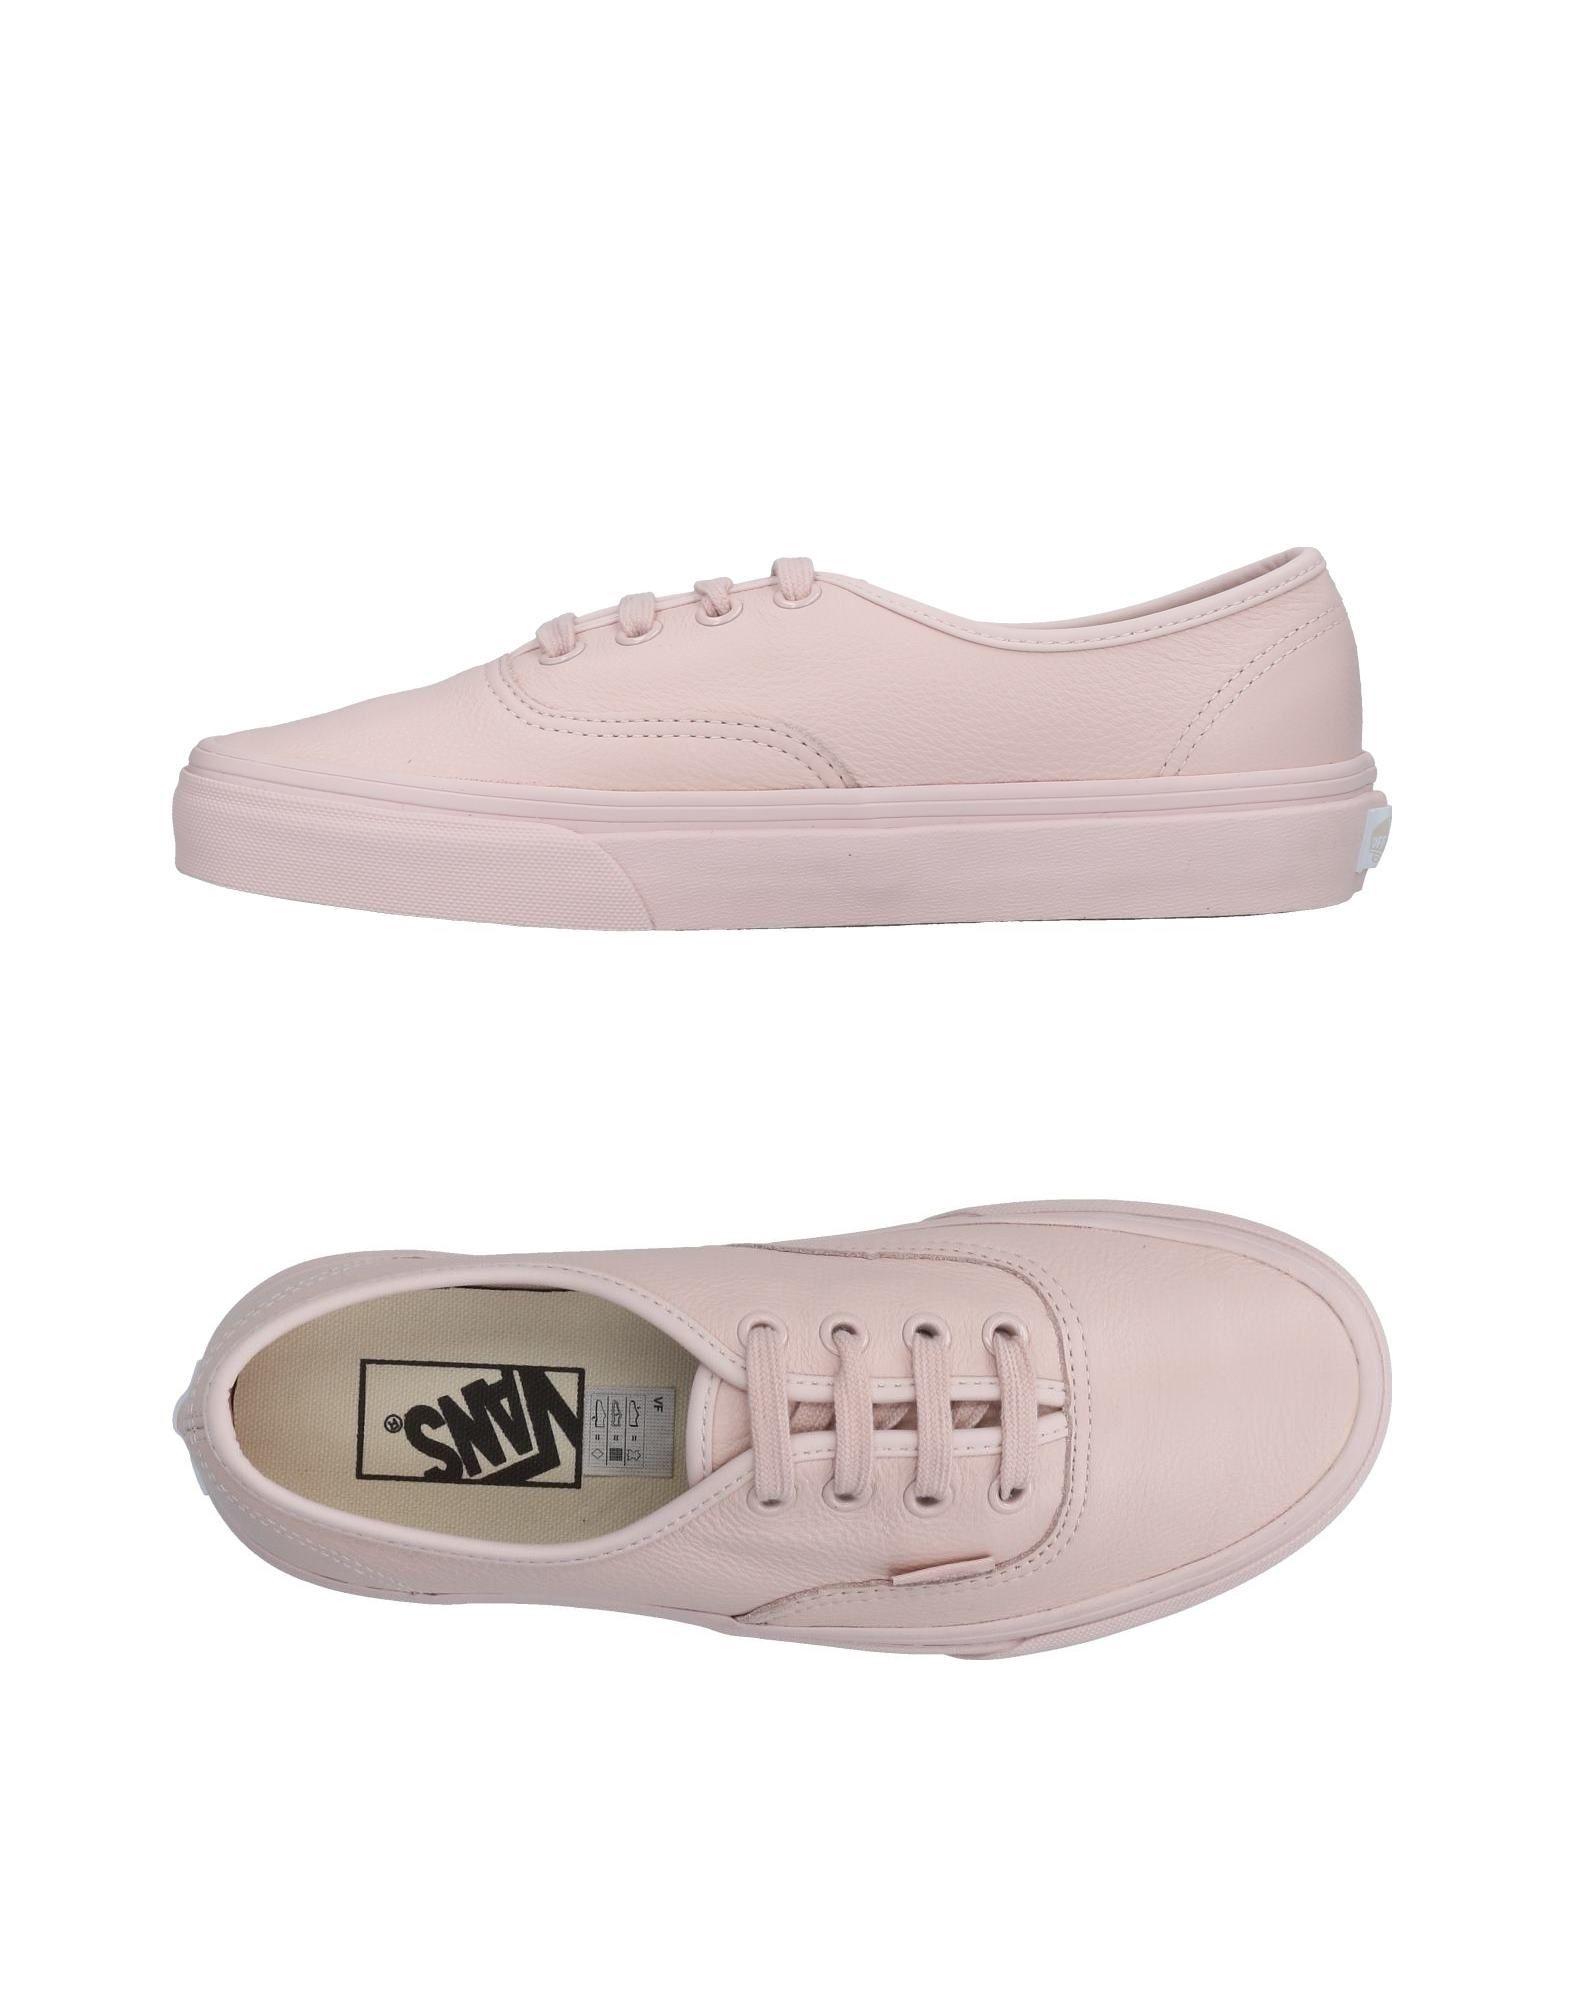 Cómodo y bien parecido  Zapatillas Vans Mujer - Zapatillas Vans  parecido Rosa claro e1ac1d